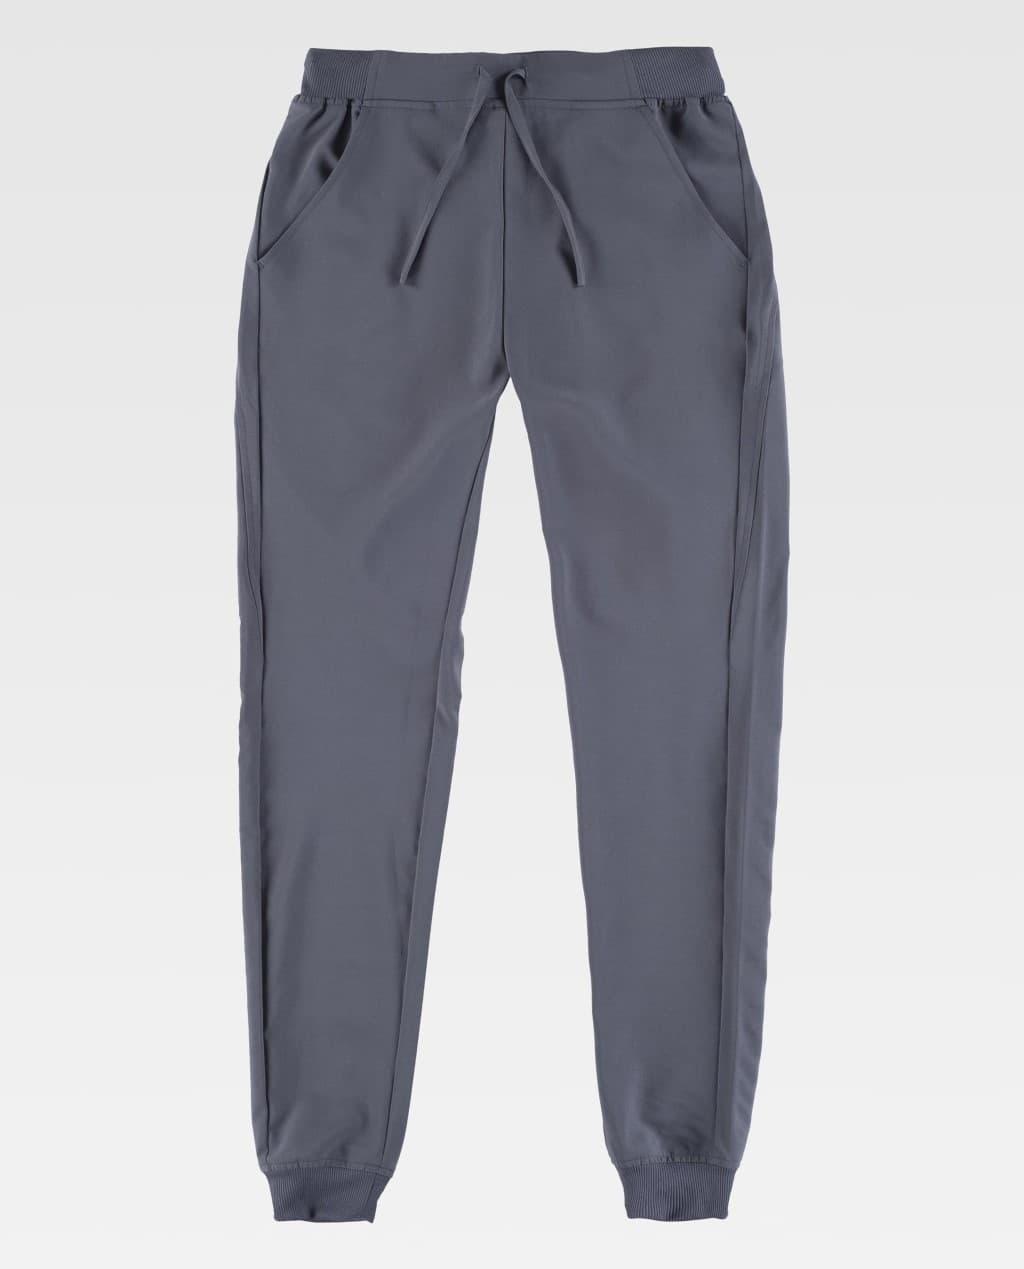 pantalon elatsique